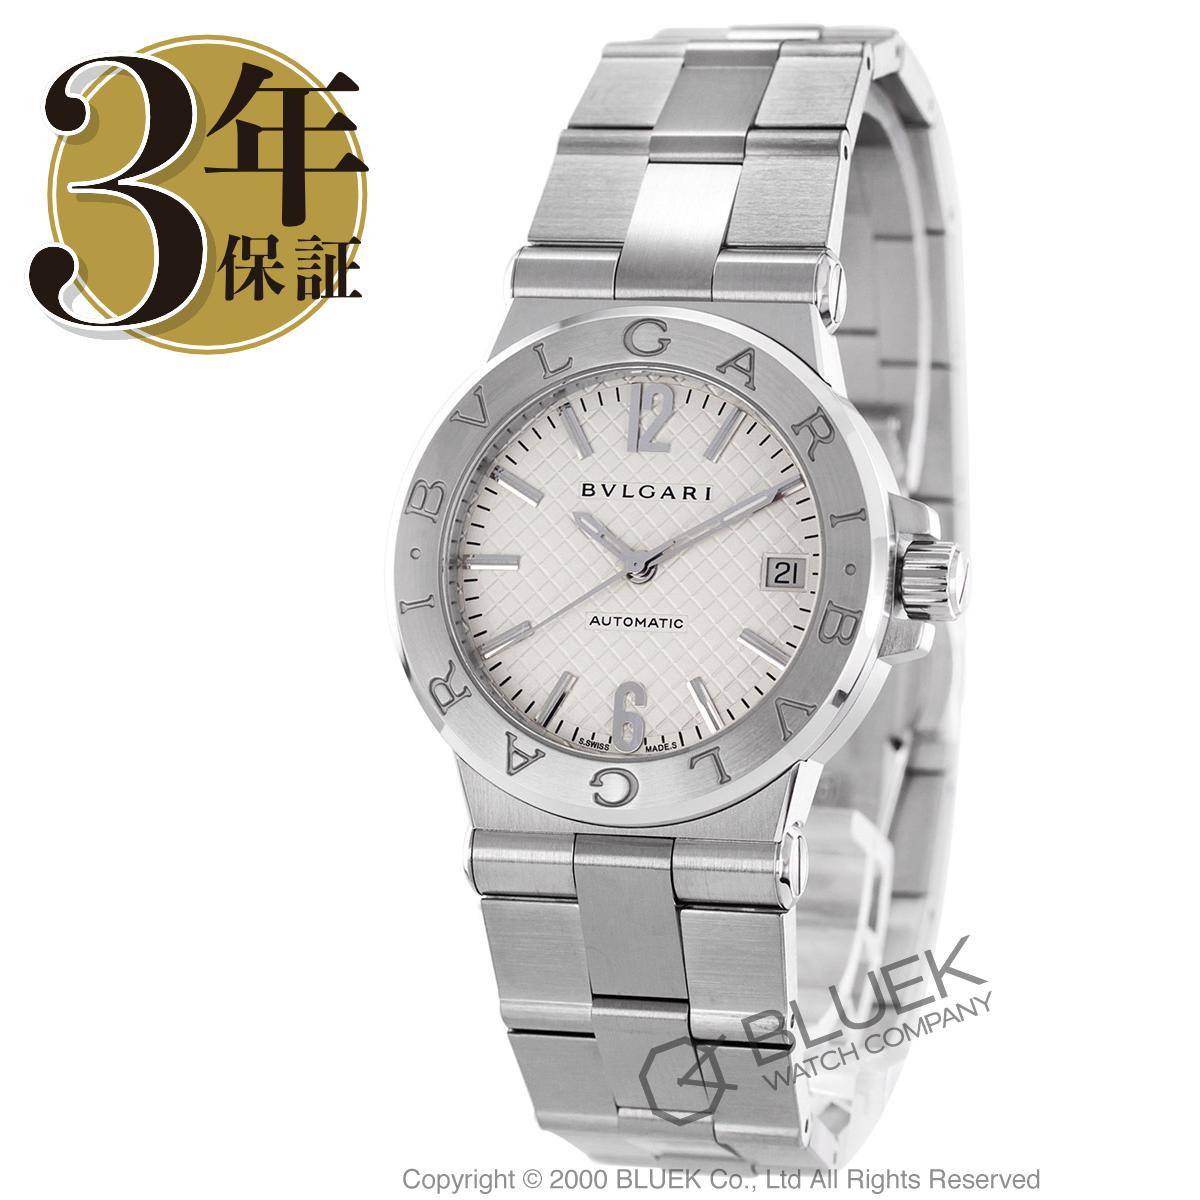 ブルガリ ディアゴノ 腕時計 メンズ BVLGARI DG35C6SSD_3